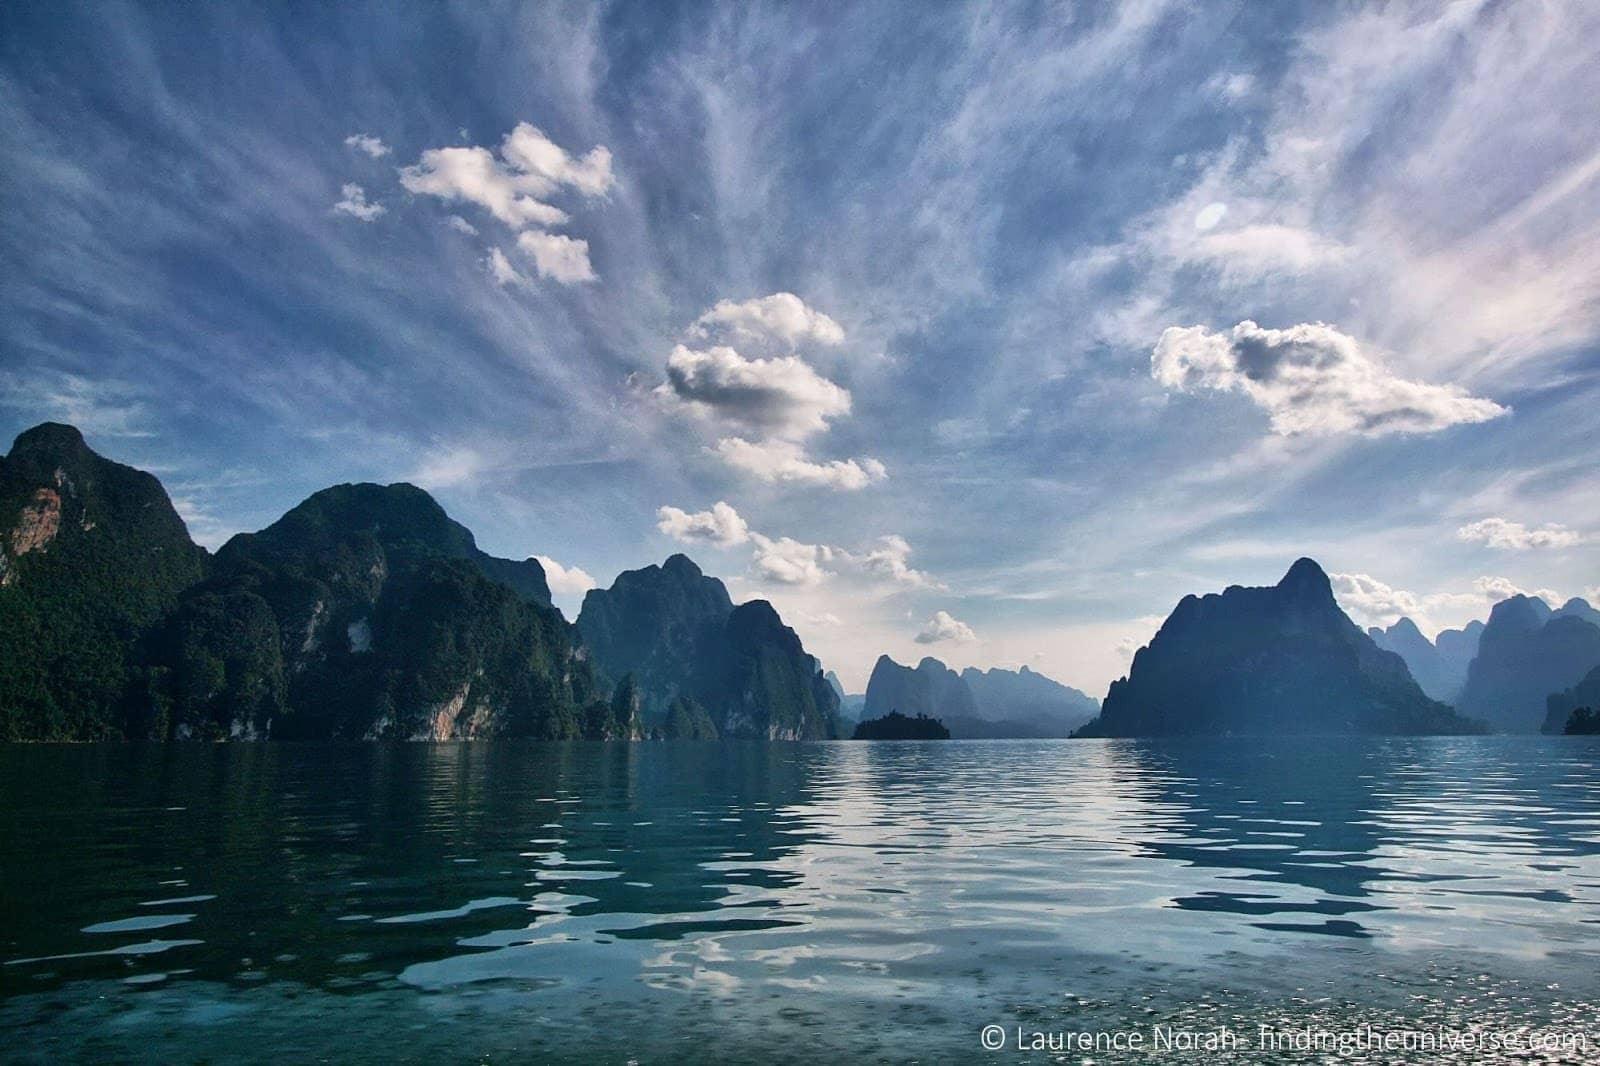 Khao sok lake reflection limestone karsts watermark scaled